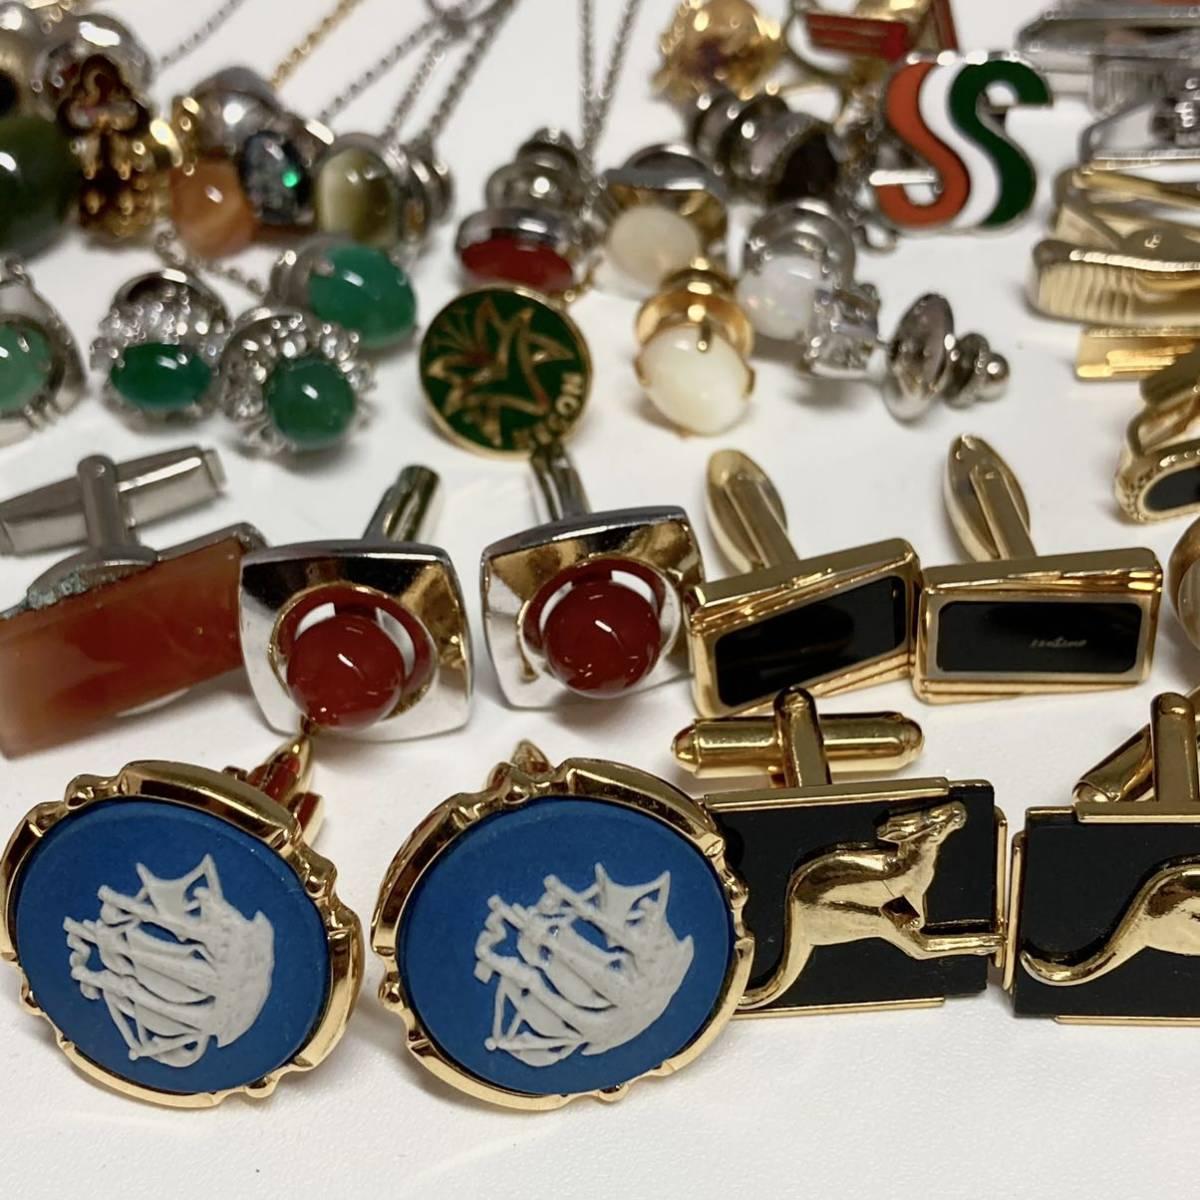 SALE!!■カフス&タイバーおまとめ■重量約343.0g 翡翠 ヒスイ オパール メノウ タイピン 彫刻 アクセサリー accessory jewelry CE0